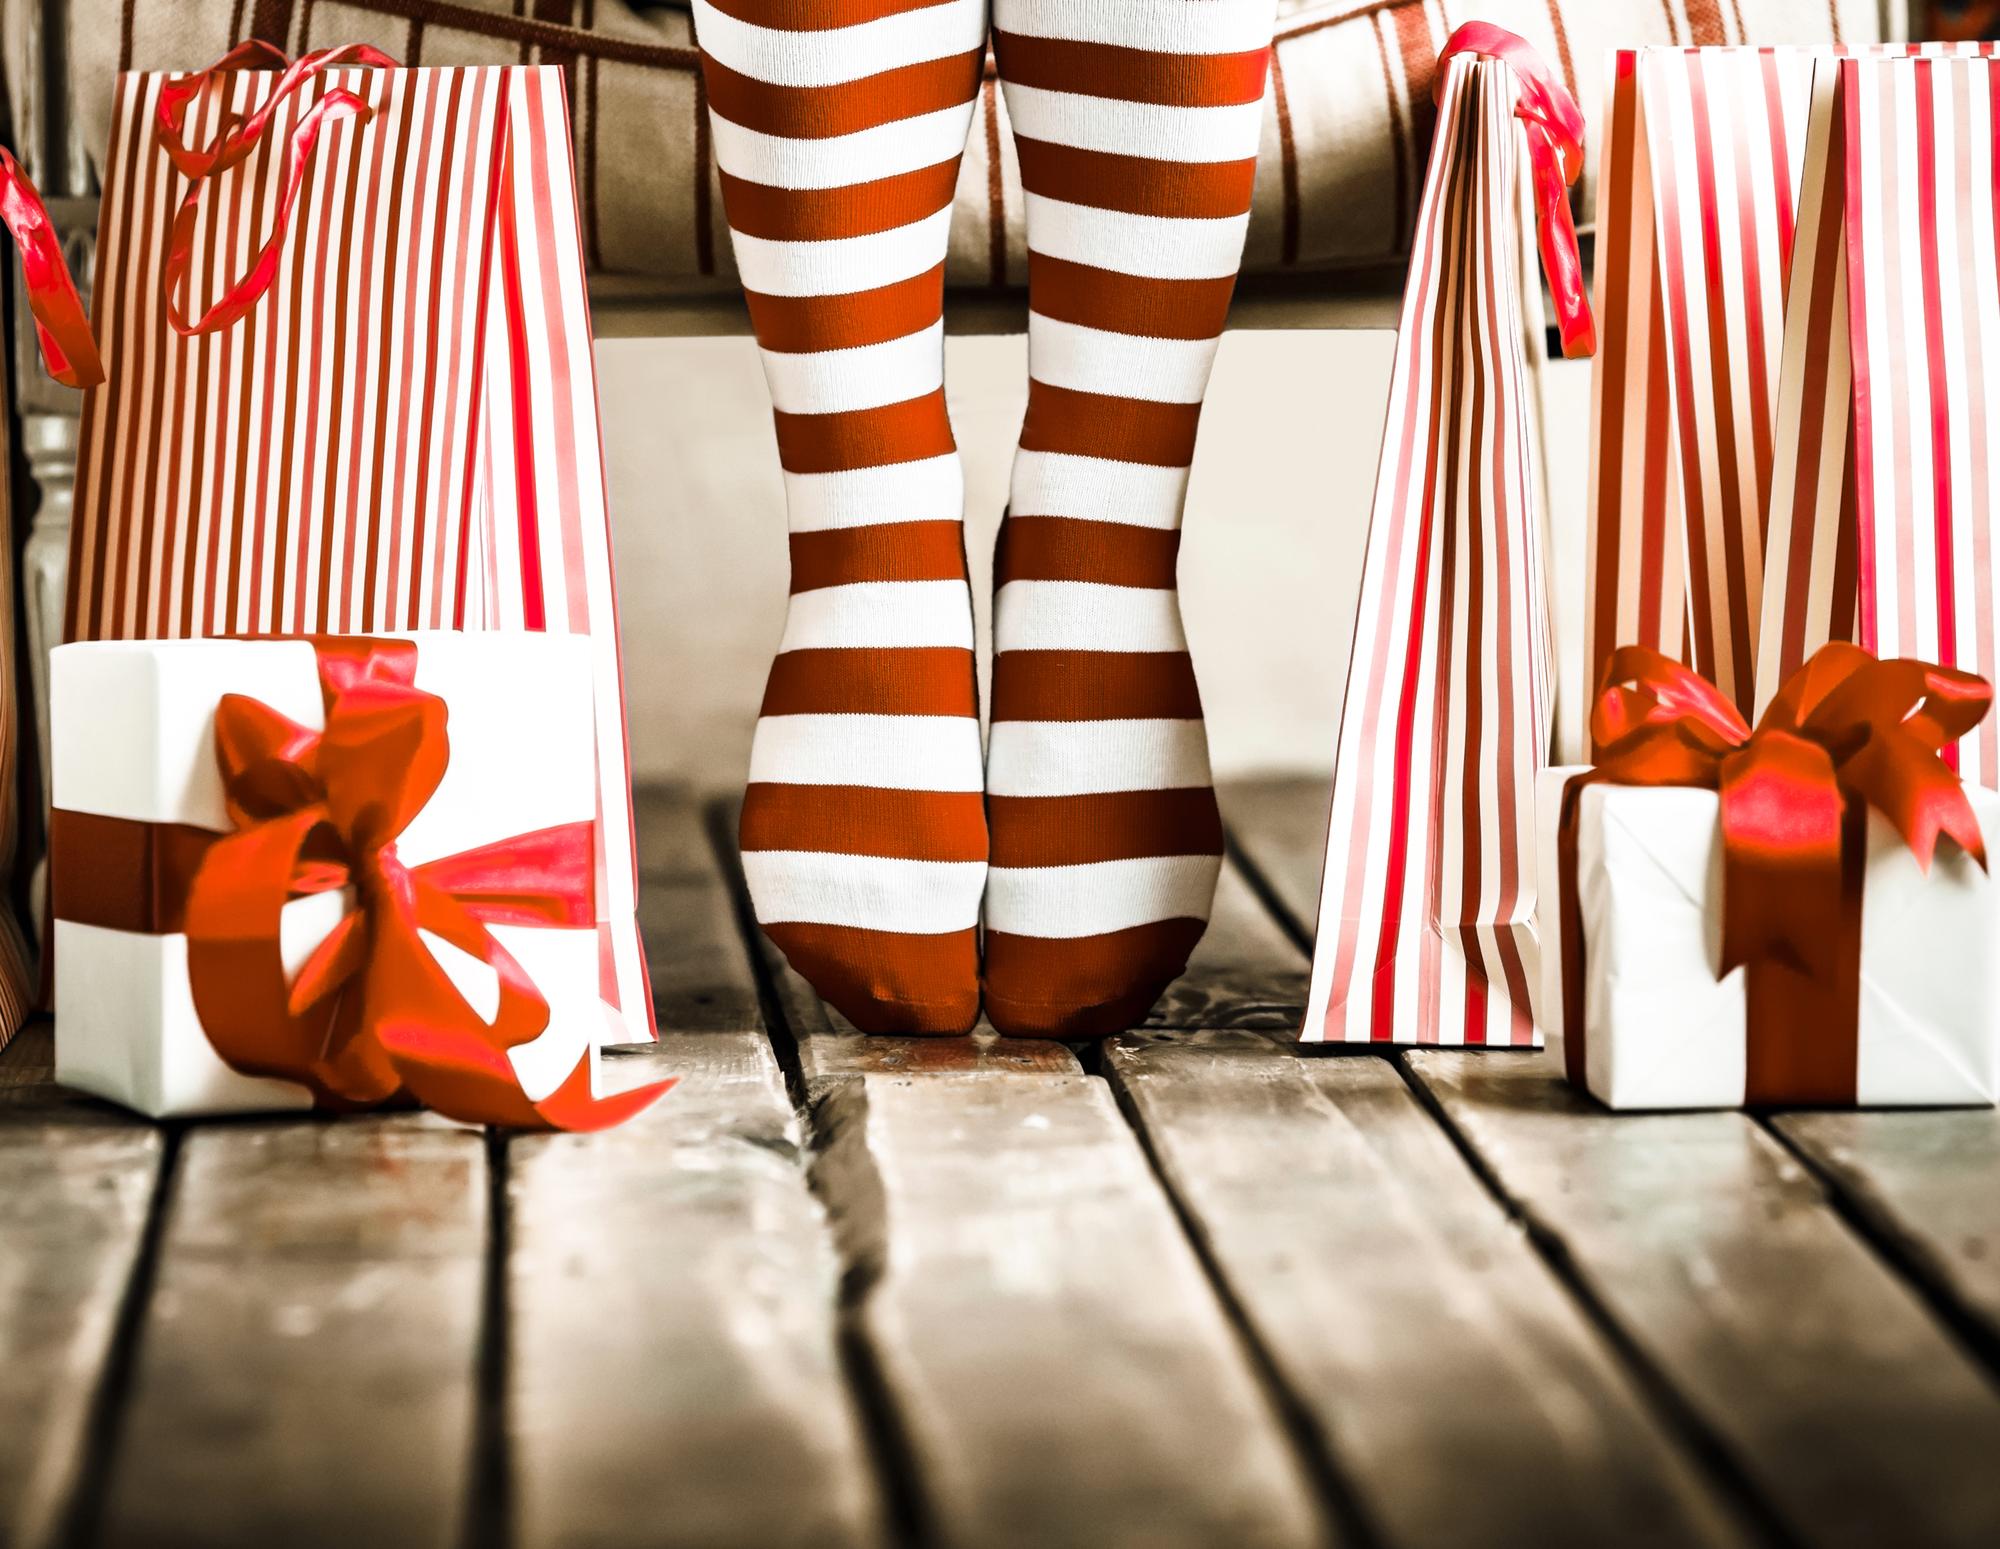 Инфлуенсър маркетинг по време на празници